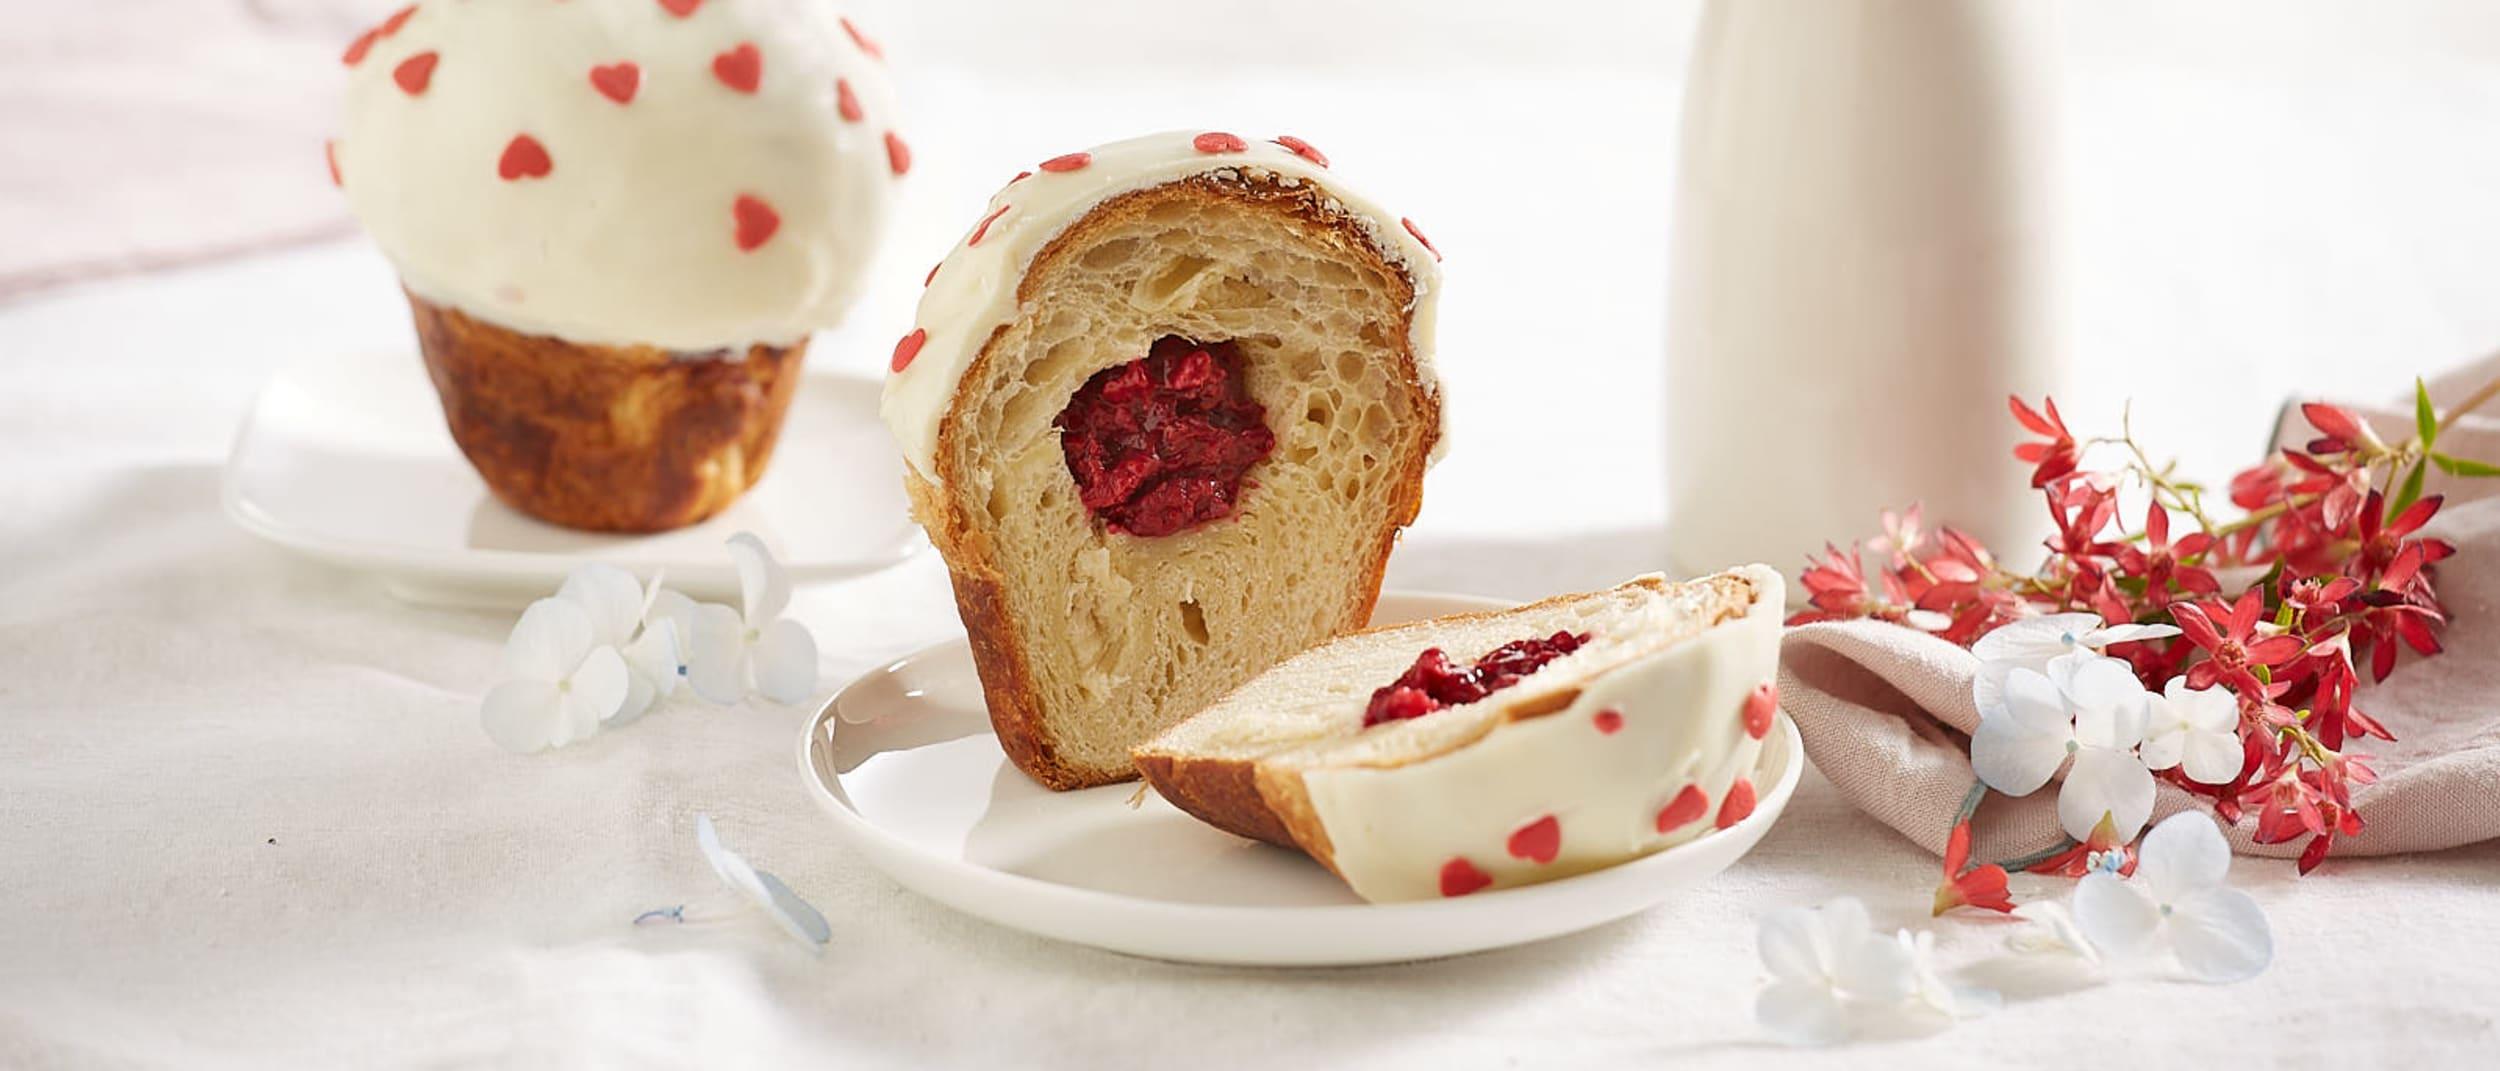 """Muffin Break: Introducing the """"Love Duffin"""""""